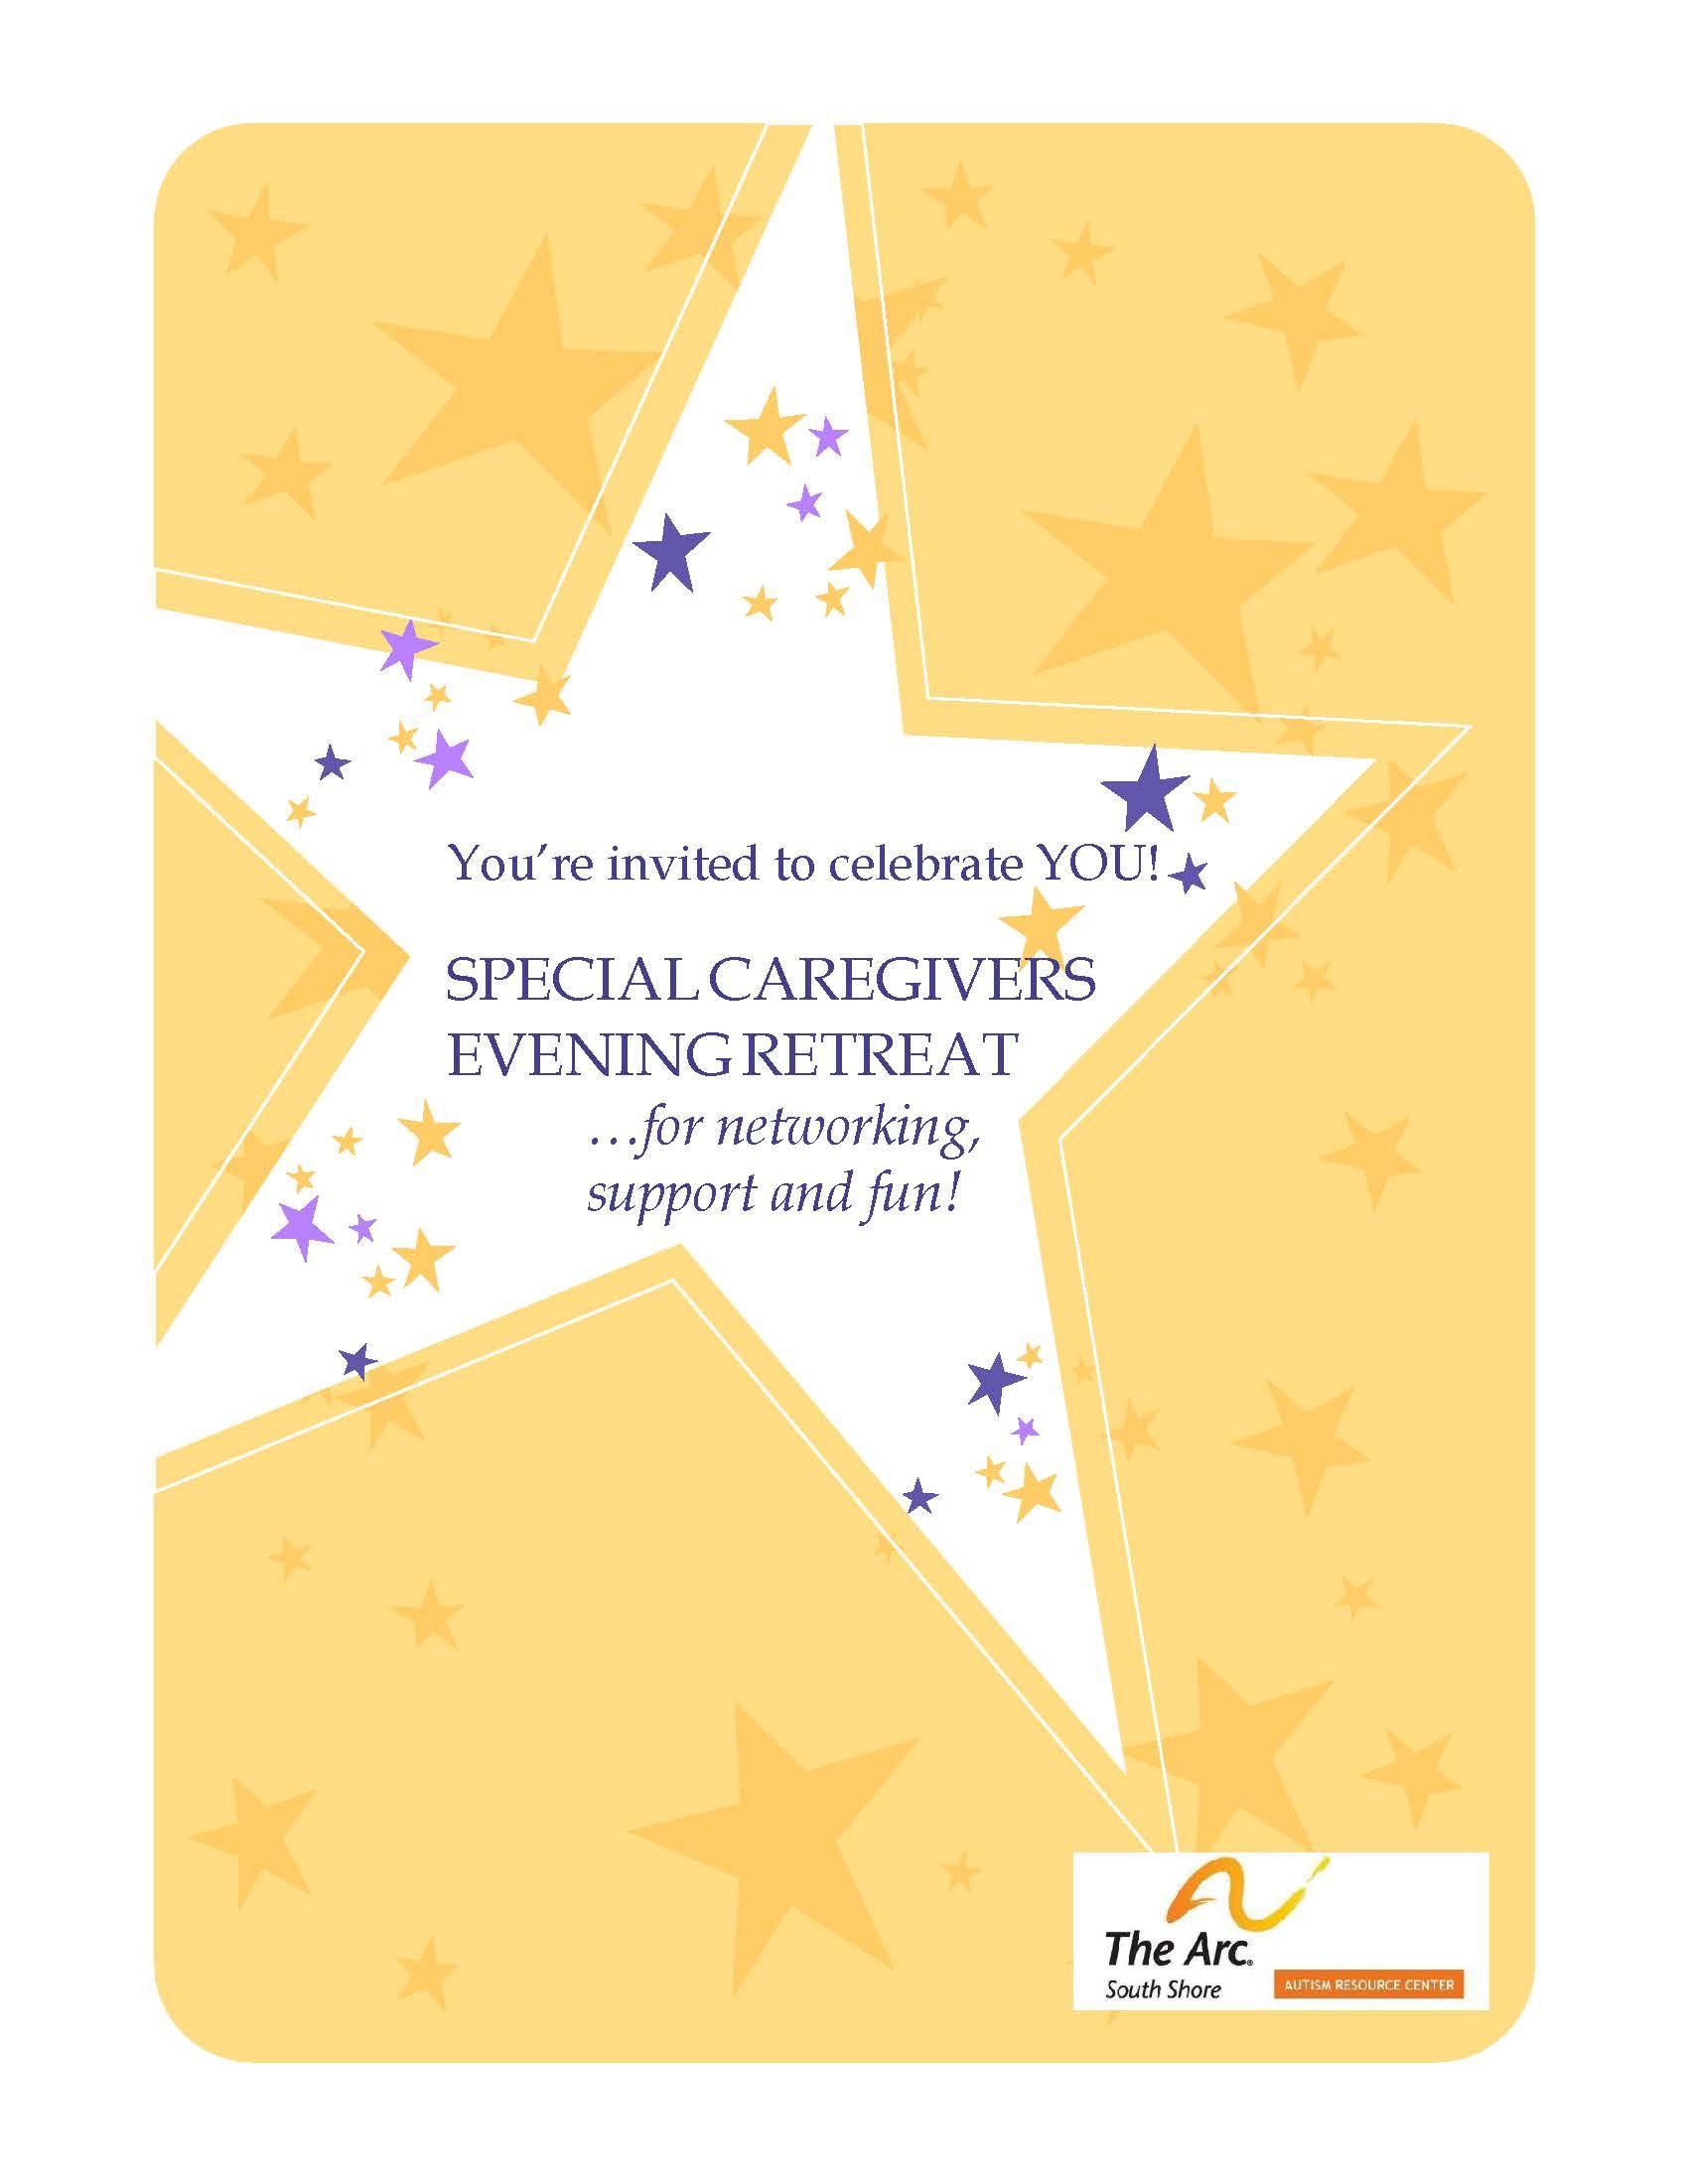 Special Caregivers Evening Retreat